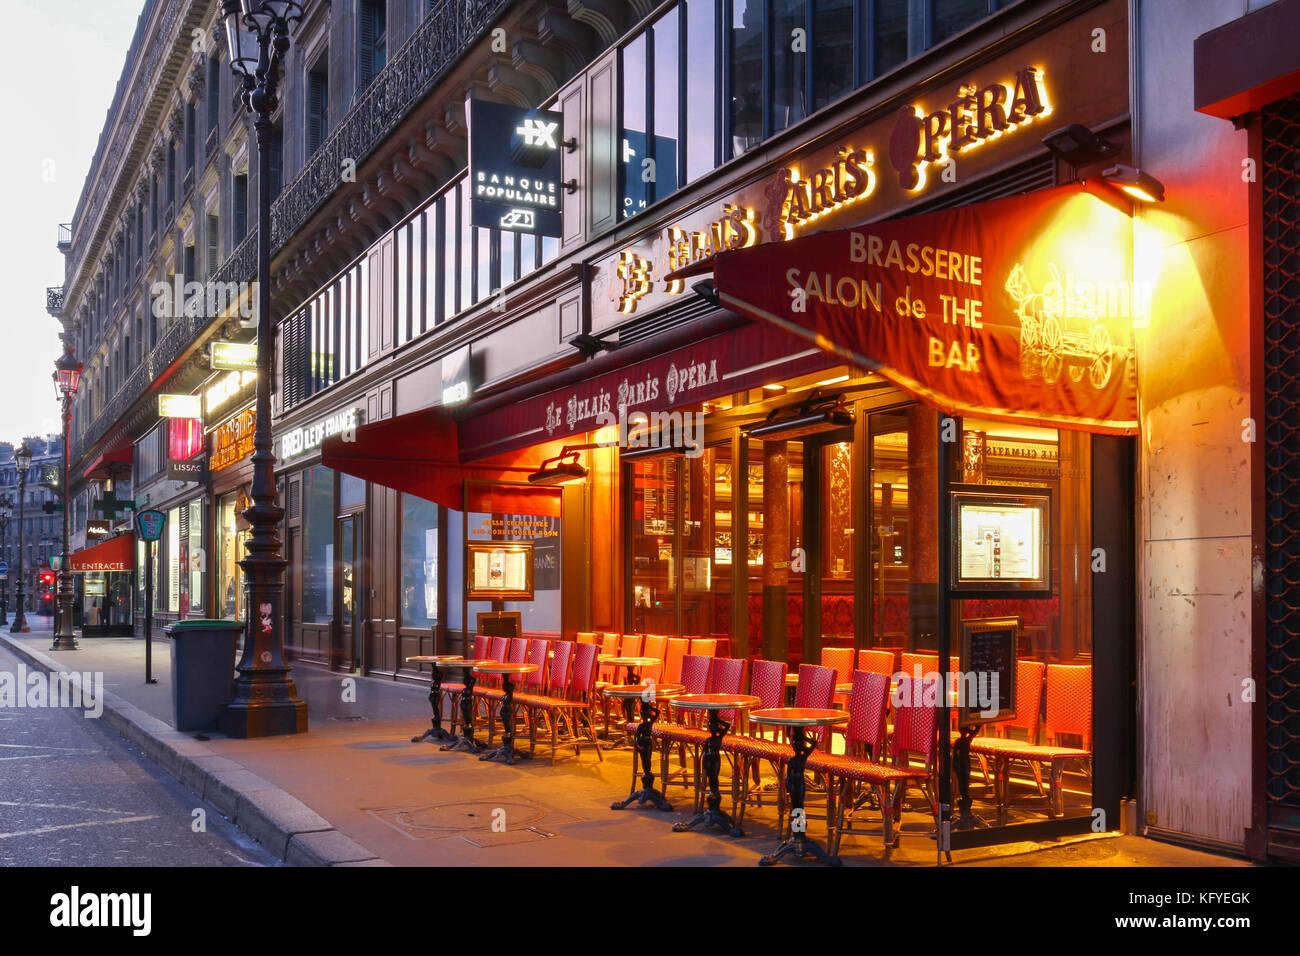 Das traditionelle Pariser Café Le relais Paris Opera befindet sich in der Nähe der Opéra Garnier in Paris, Frankreich. Stockfoto